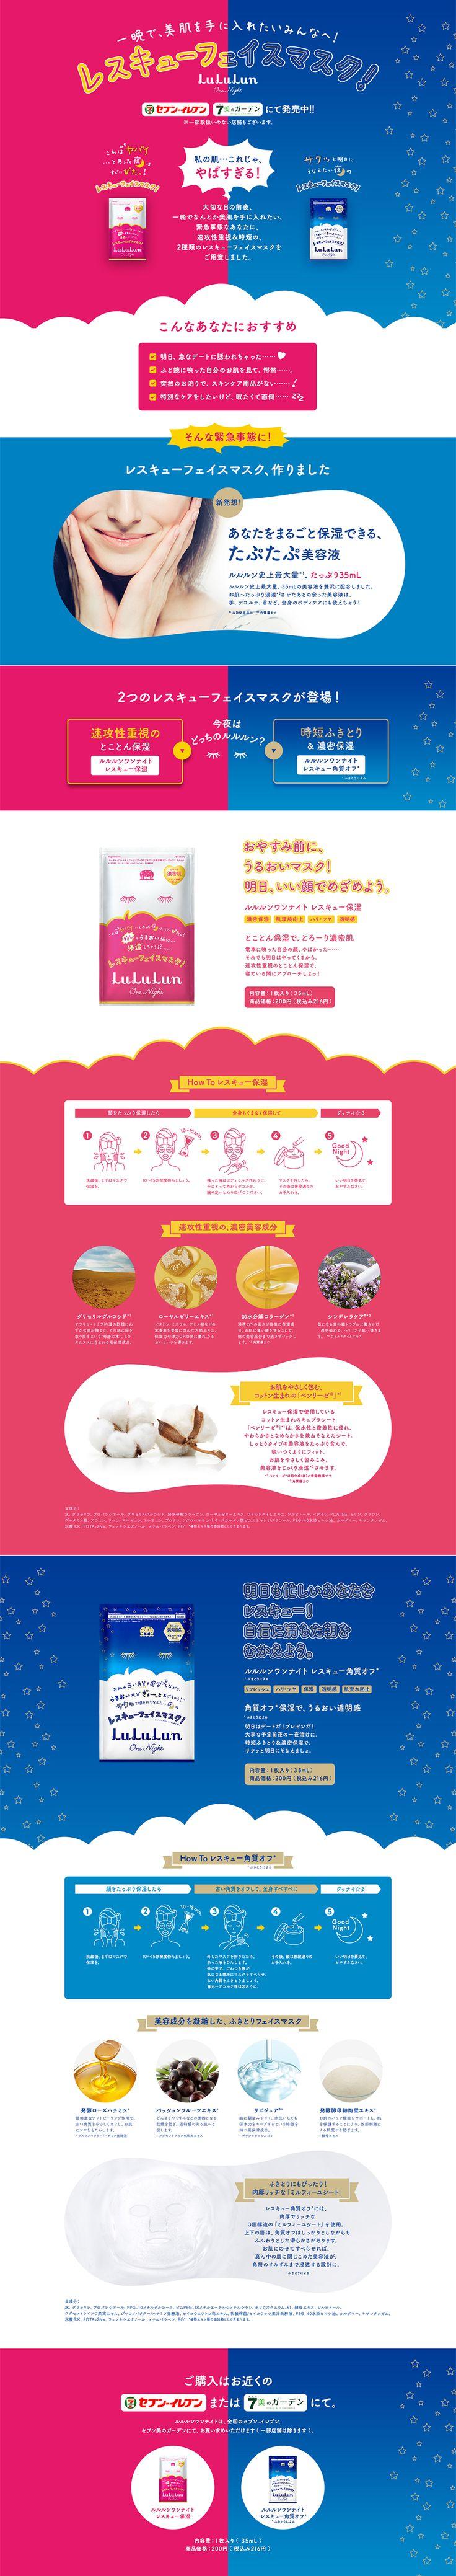 ルルルン レギュラーフェイスマスク【スキンケア・美容商品関連】のLPデザイン。WEBデザイナーさん必見!ランディングページのデザイン参考に(かわいい系)